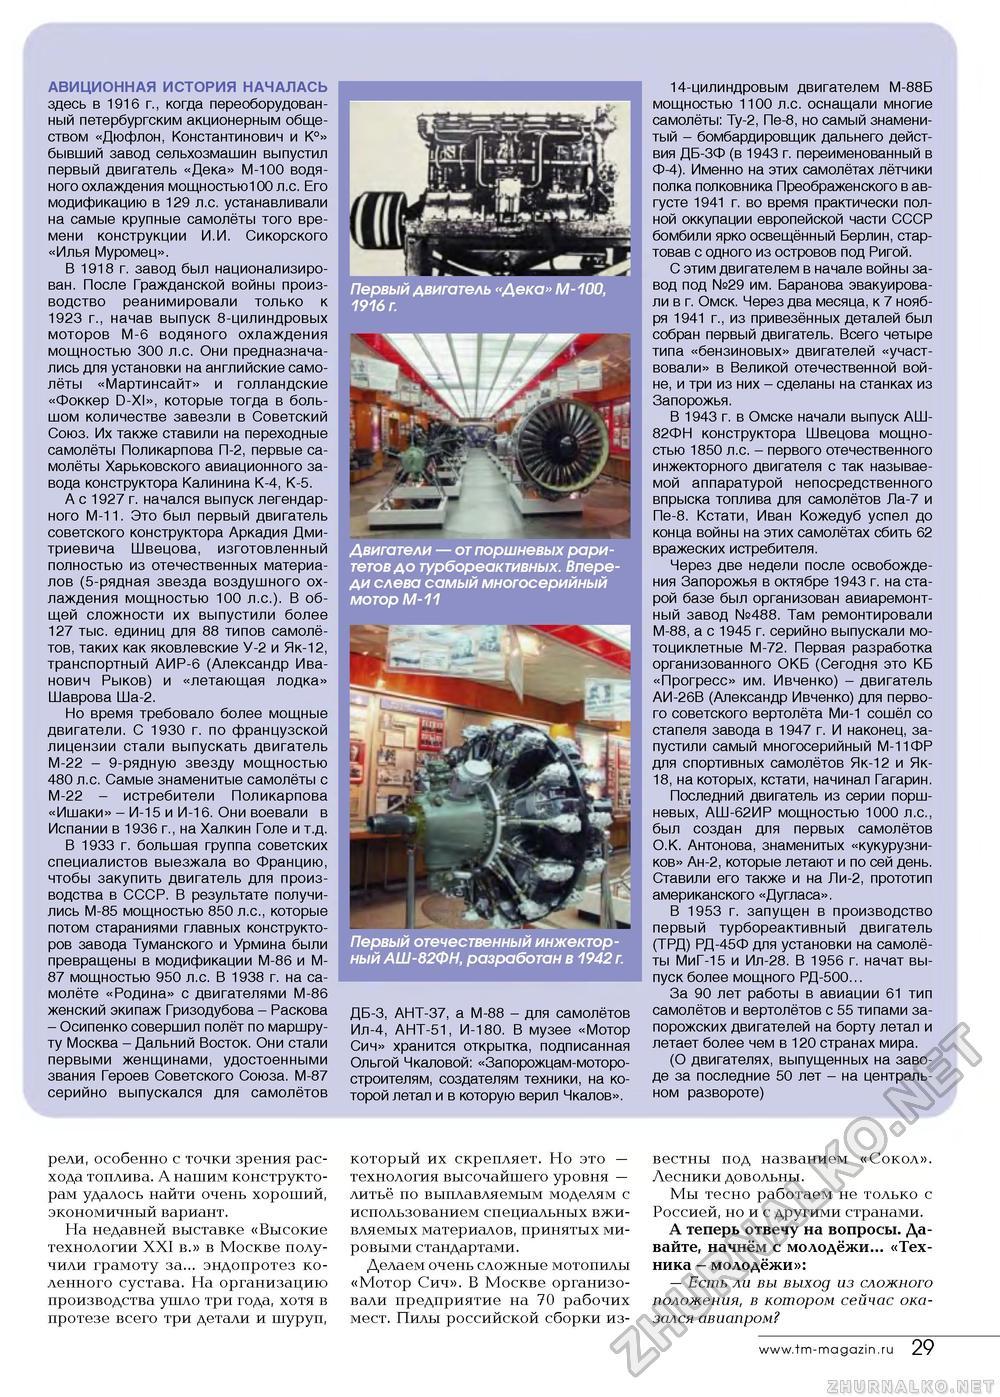 Arsen Martirosyan. Biography of Martirosyan Arsen Benikovich